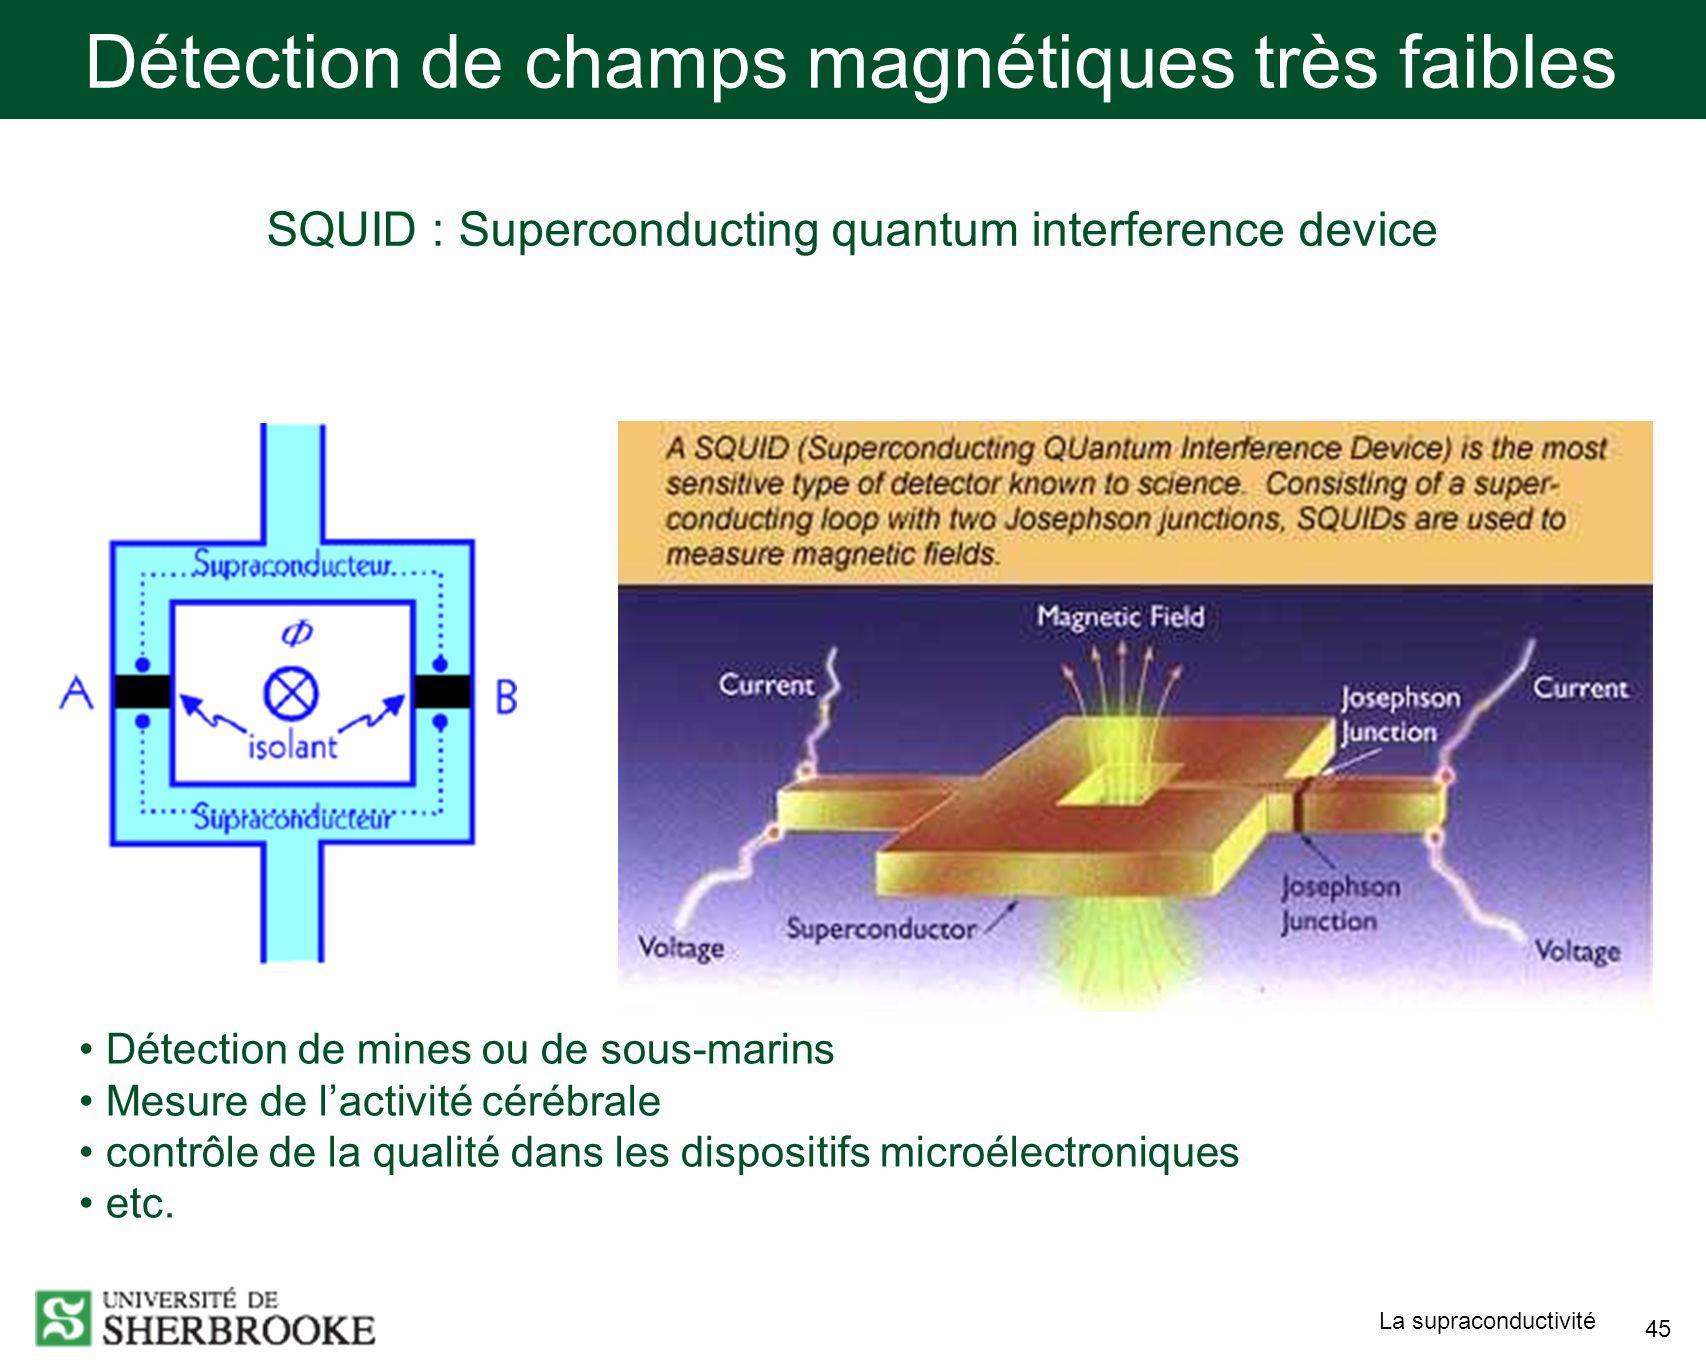 Détection de champs magnétiques très faibles